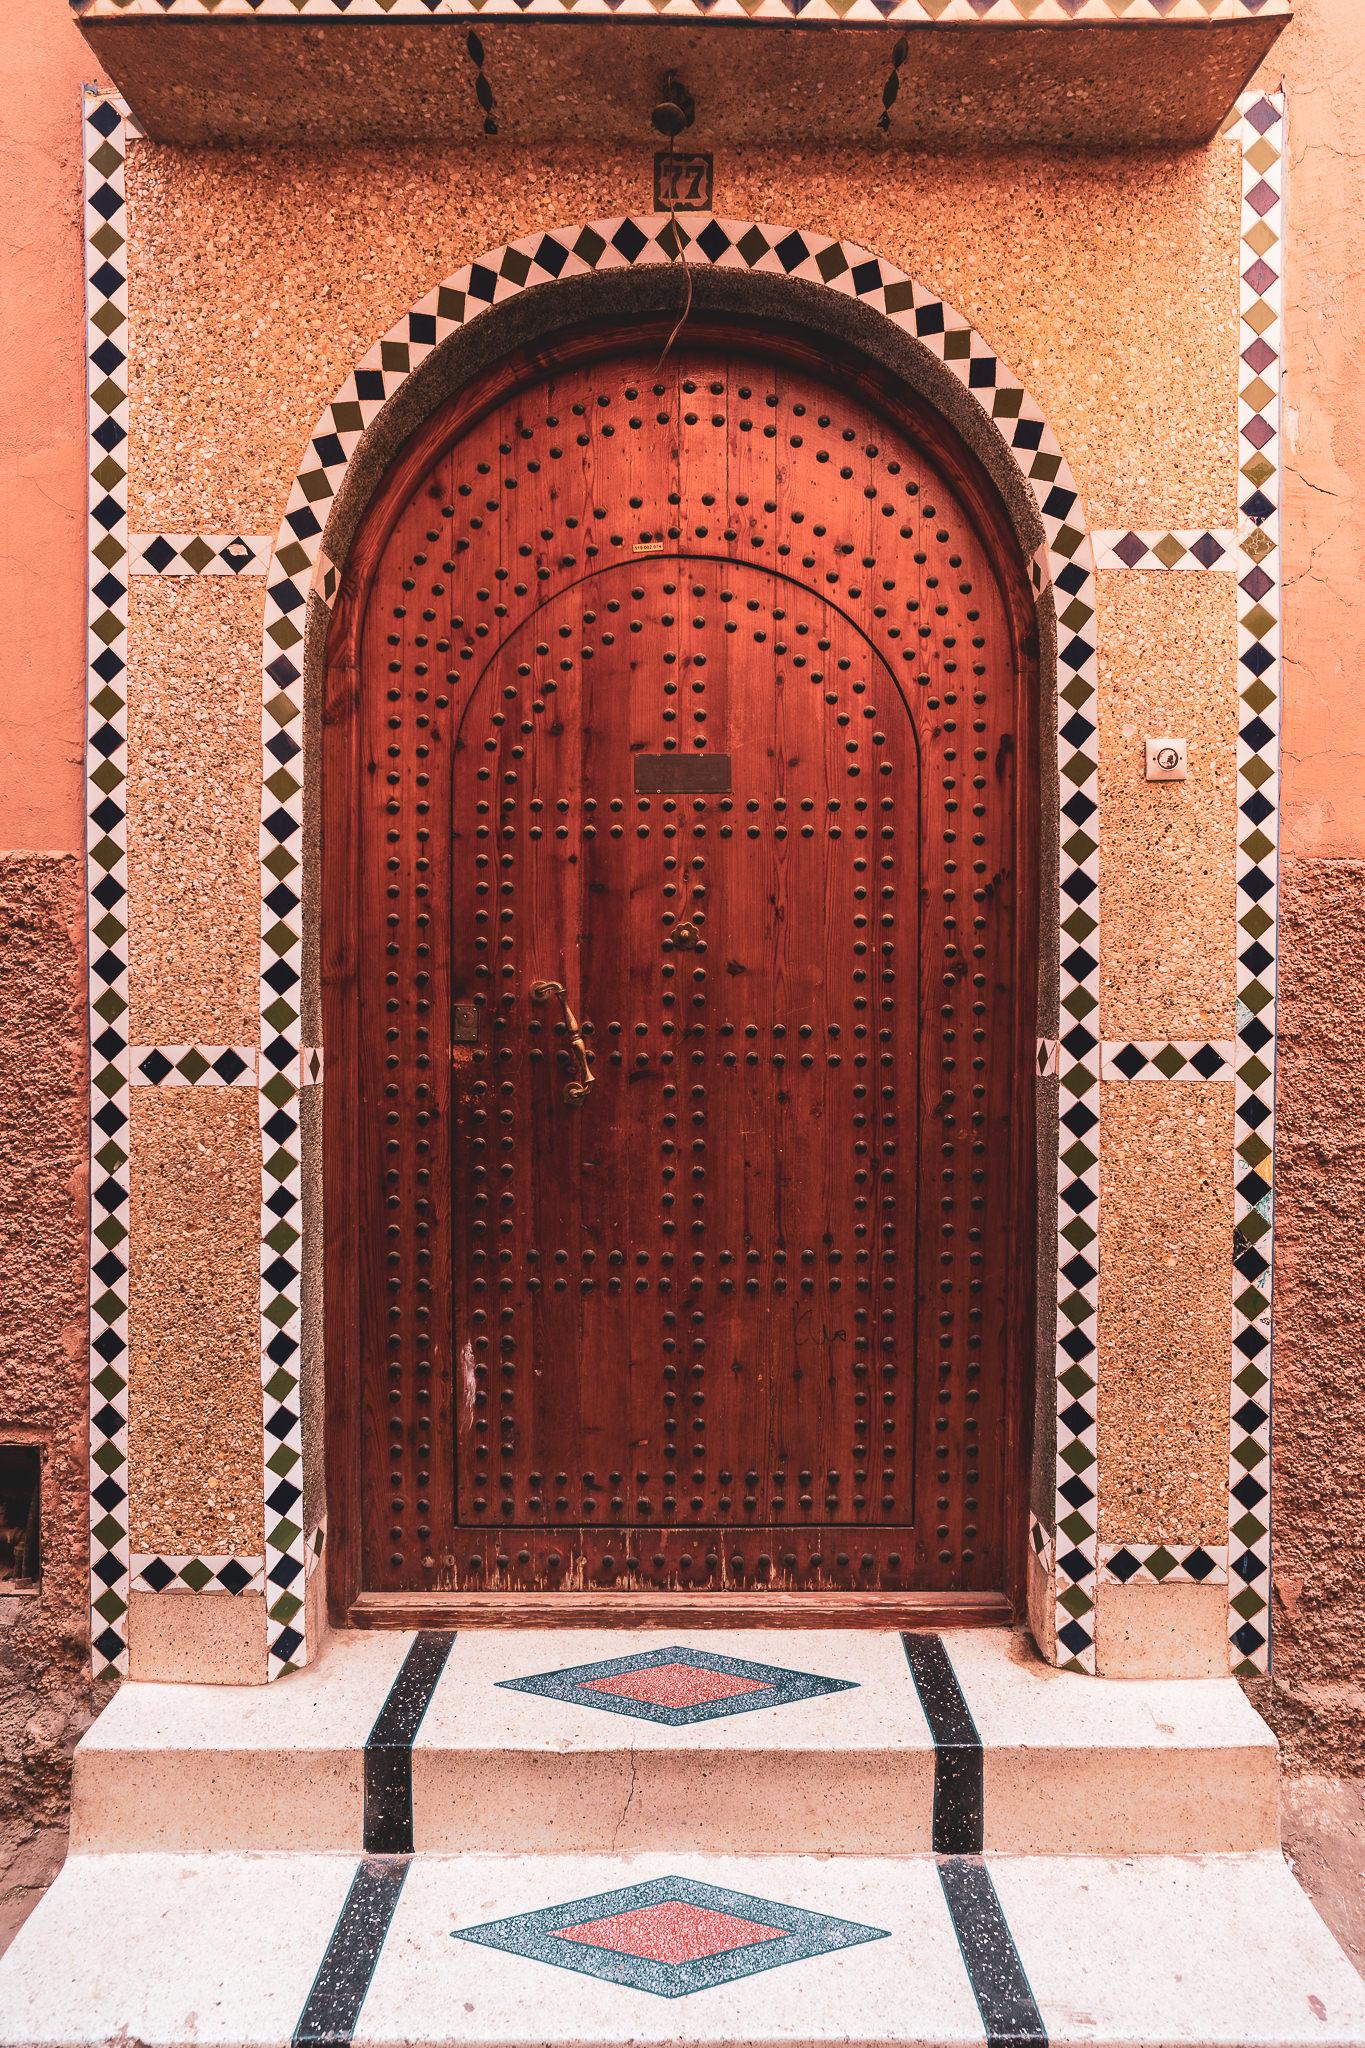 Marrakech ornate door #4